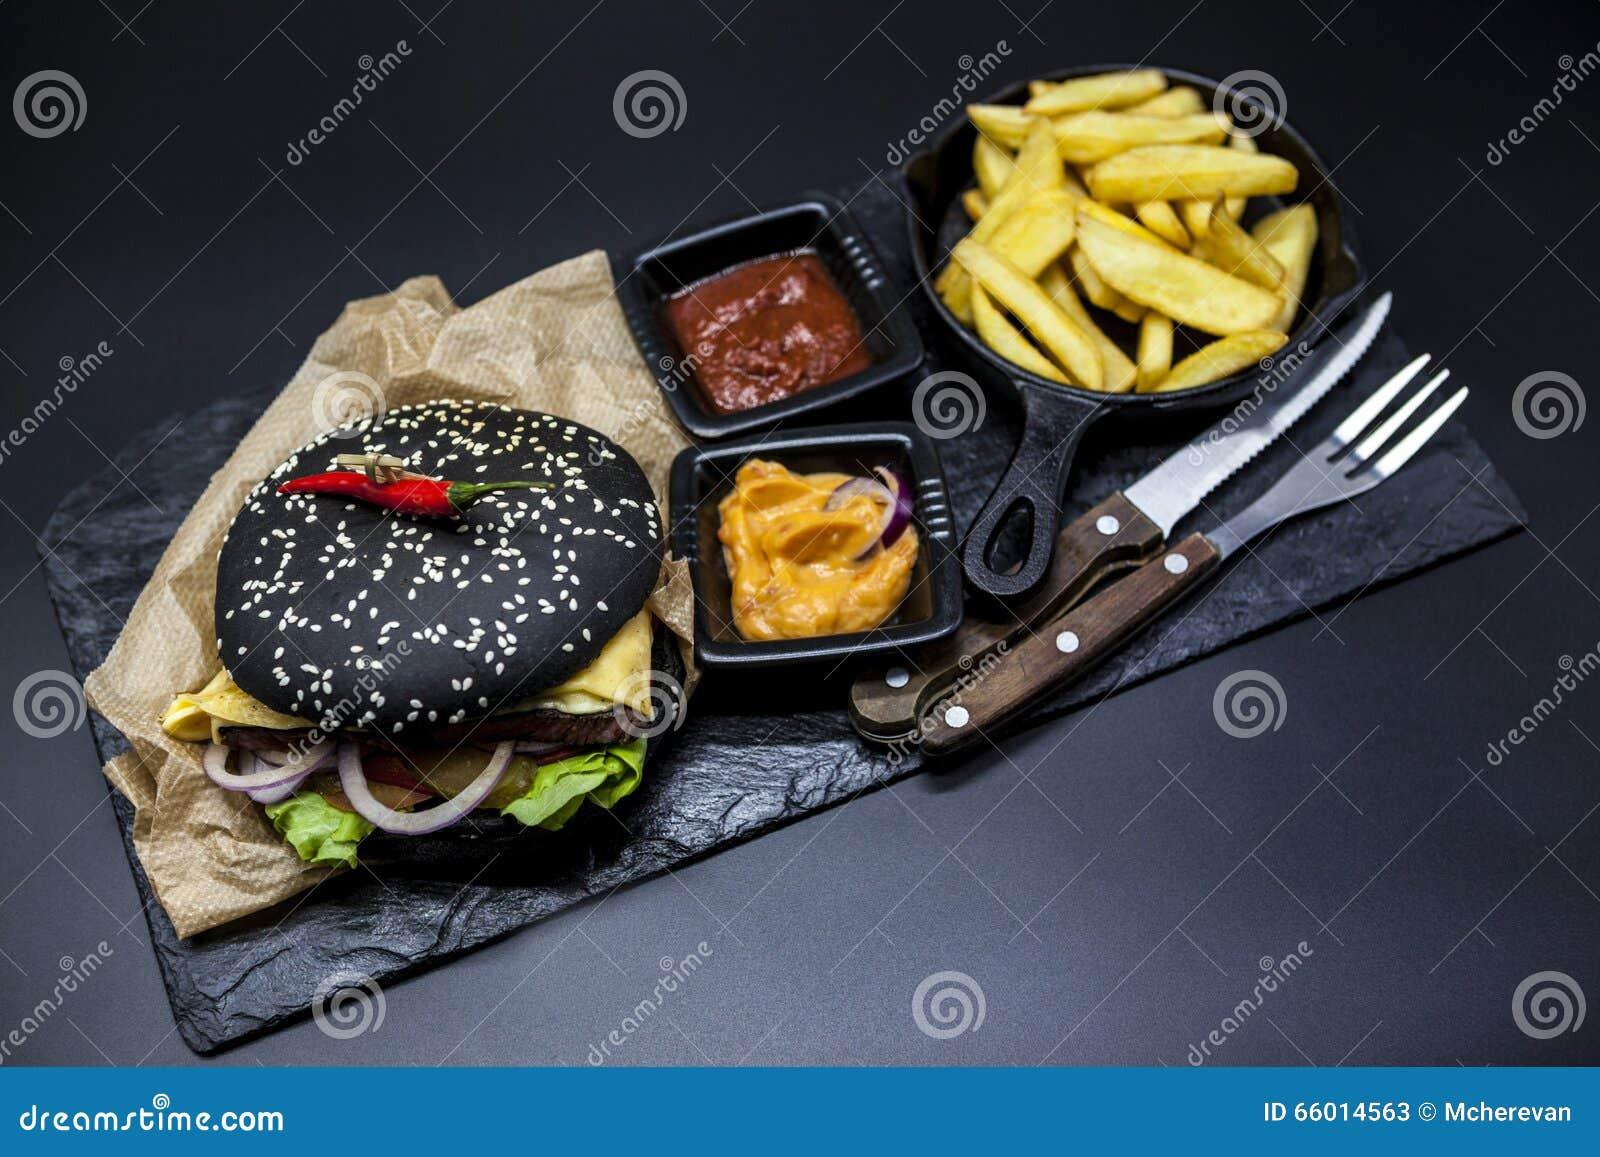 set of the black burger stone plate with black burger. Black Bedroom Furniture Sets. Home Design Ideas